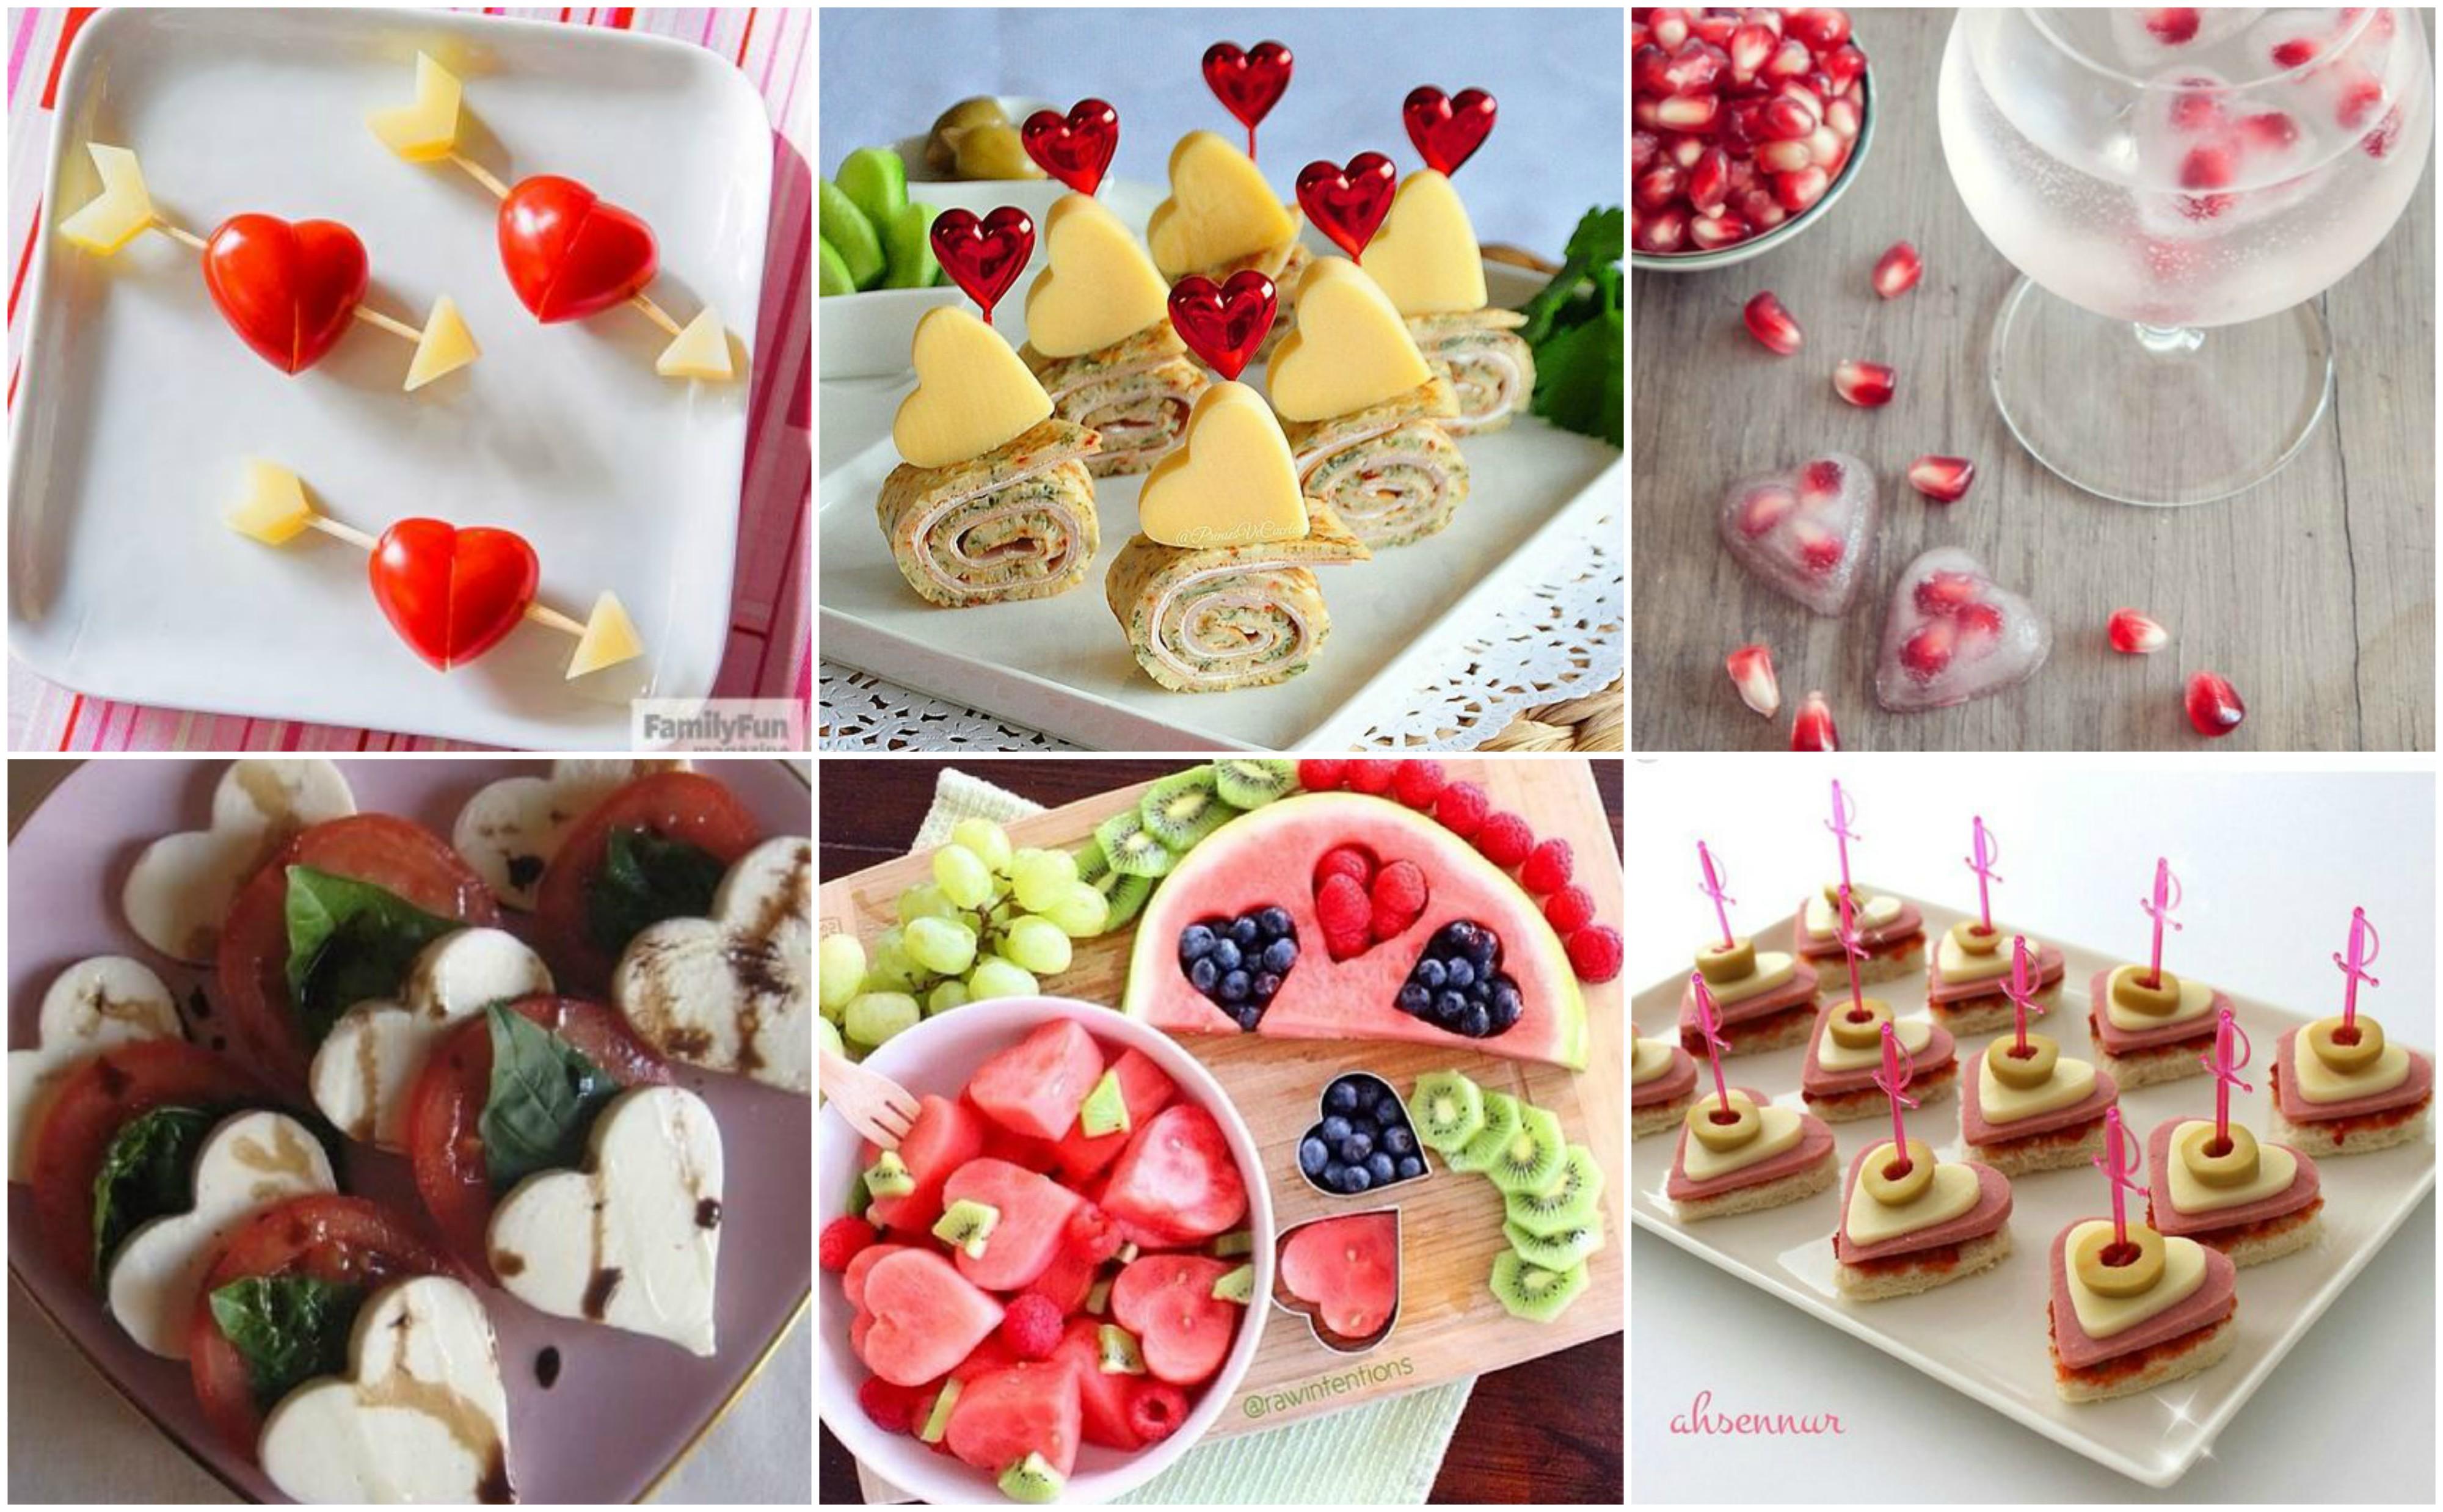 Verfuhrerische Snacks Zum Valentinstag Nettetipps De